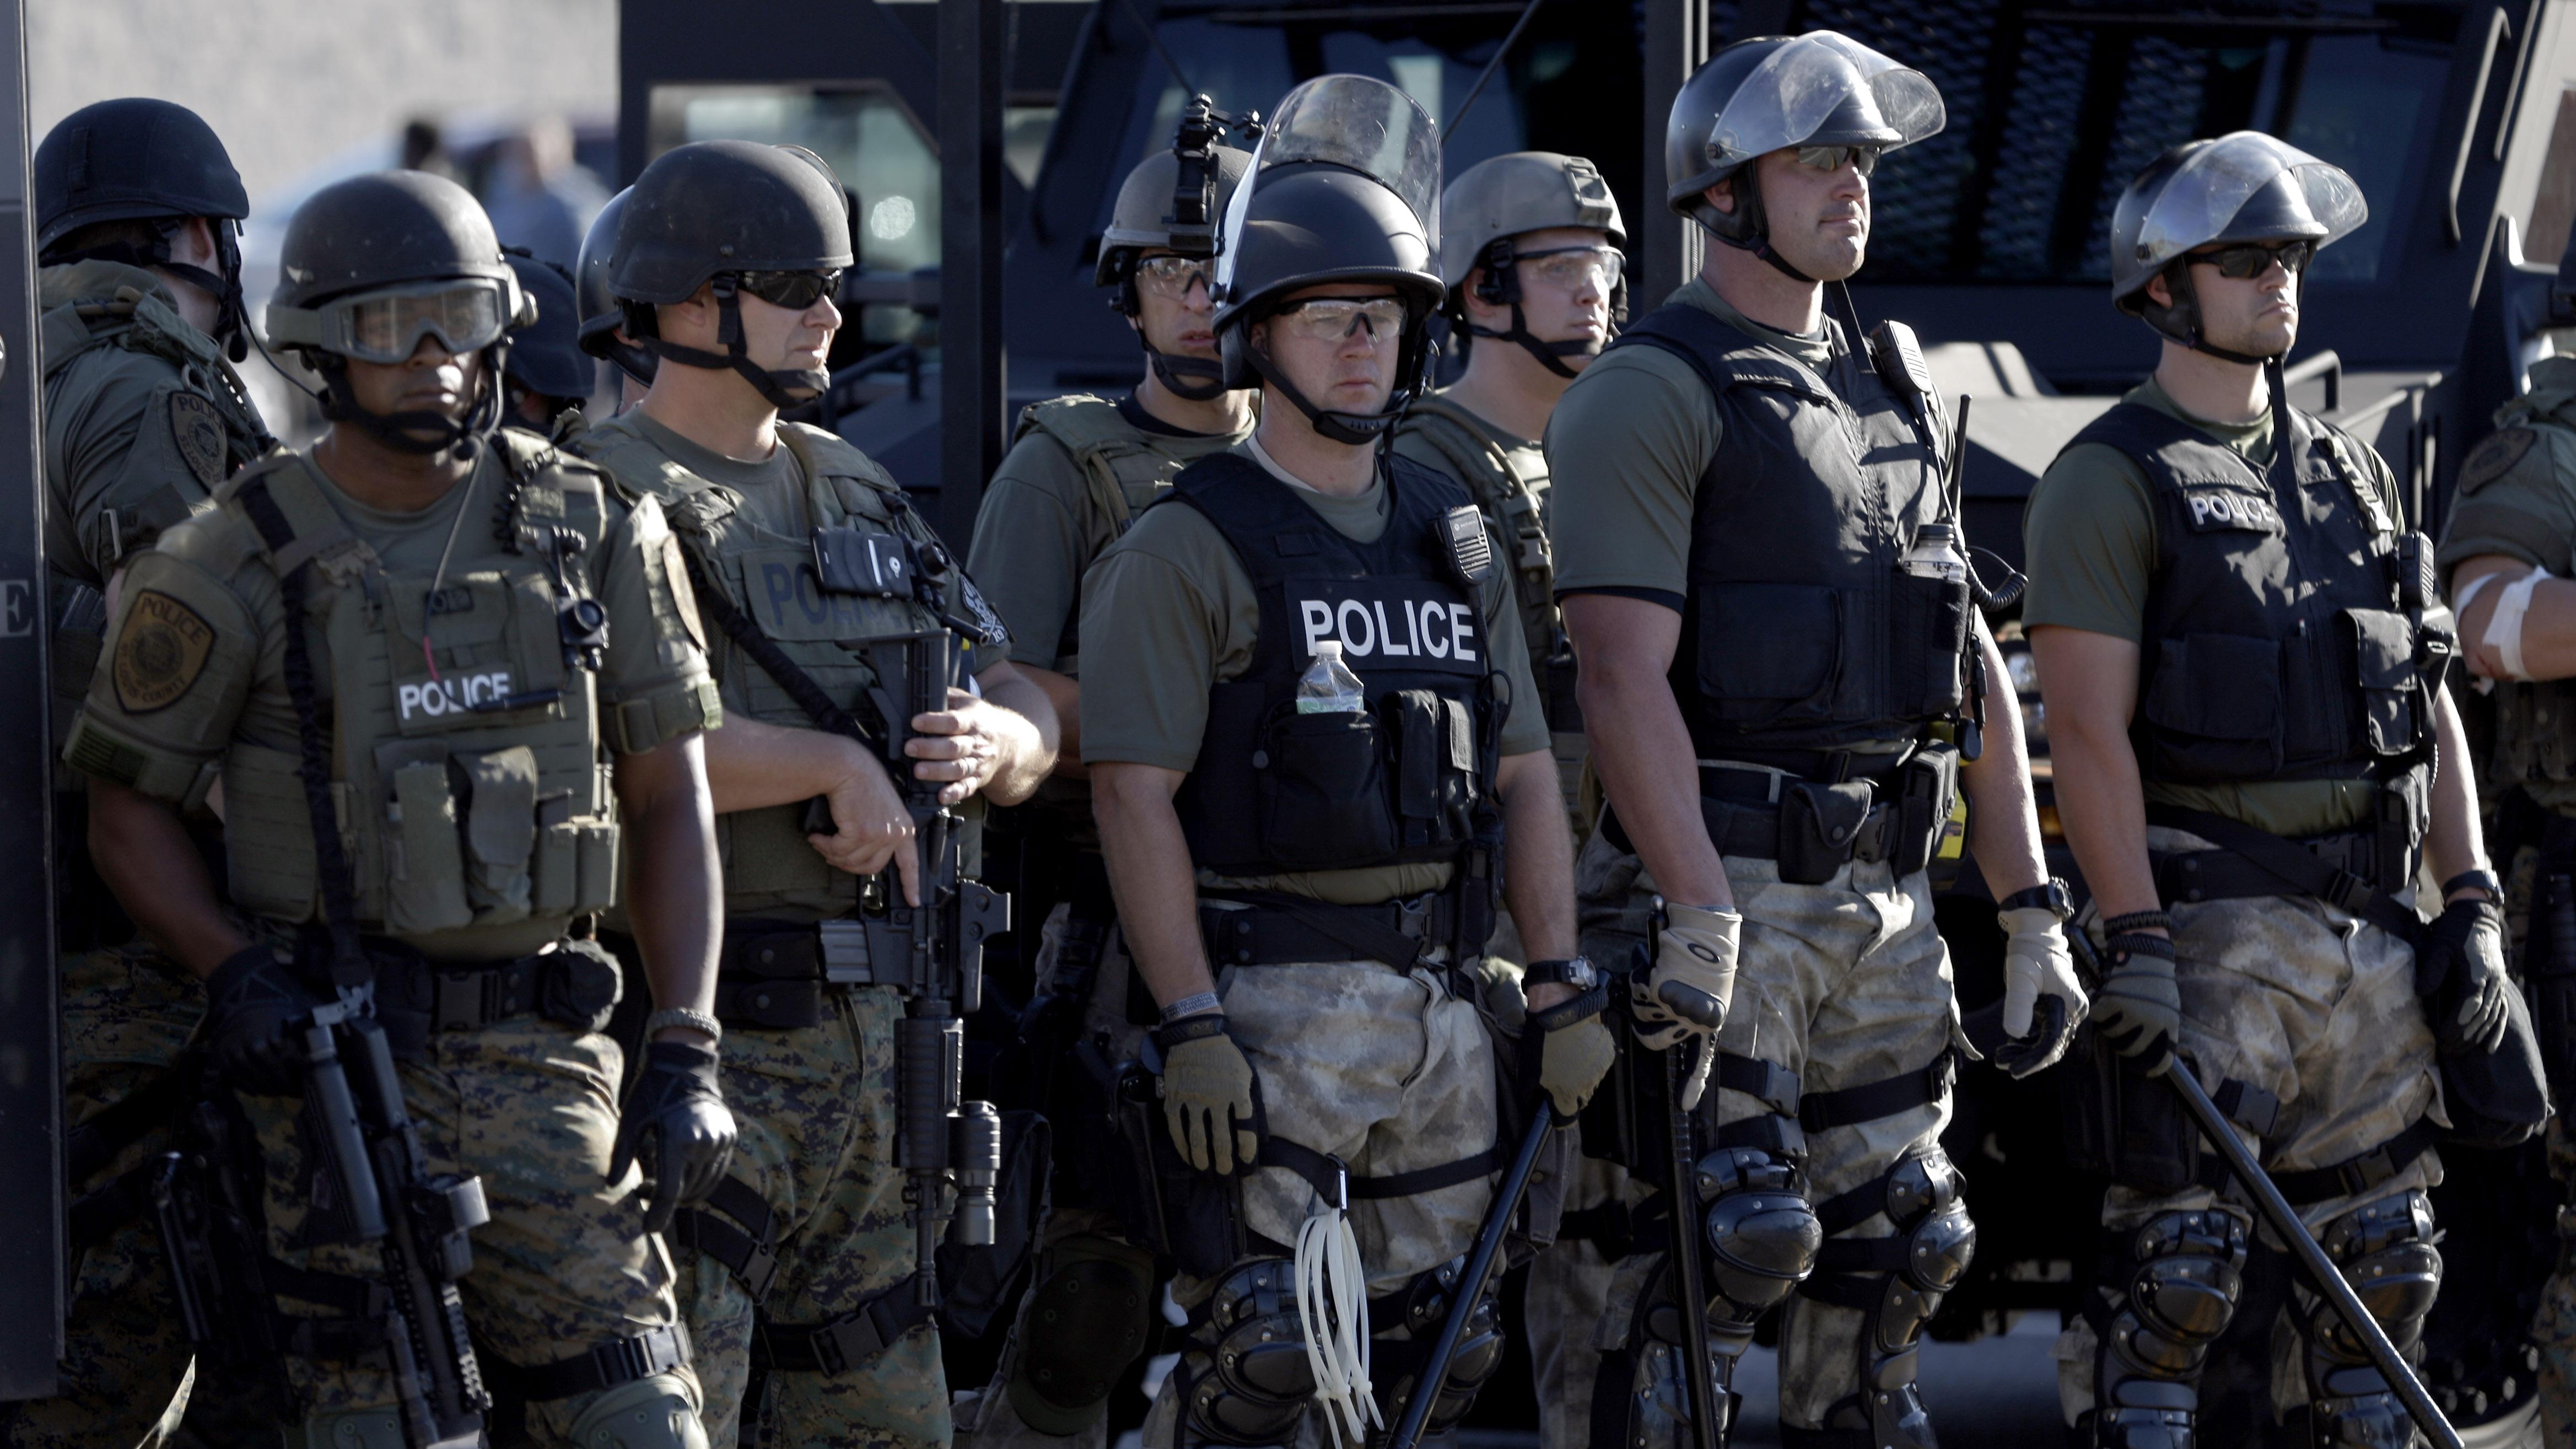 porot-politseyskih-telok-video-muzh-zhena-i-ee-podruga-v-eble-video